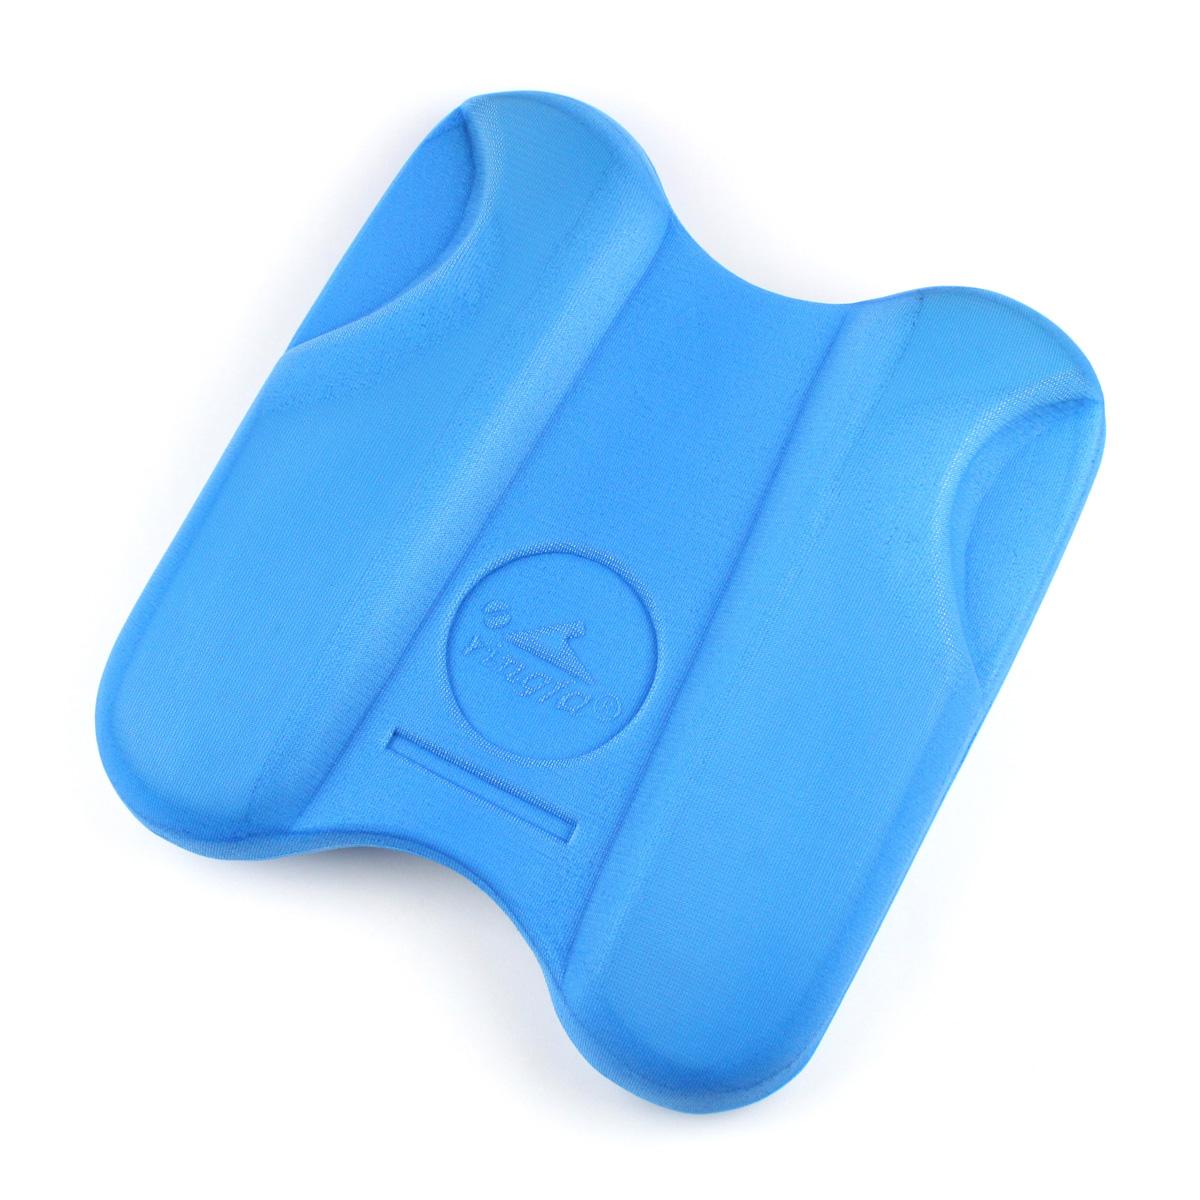 英發多 訓練浮板 工字浮力板 打水板 踢水板 夾腿板 提高技術